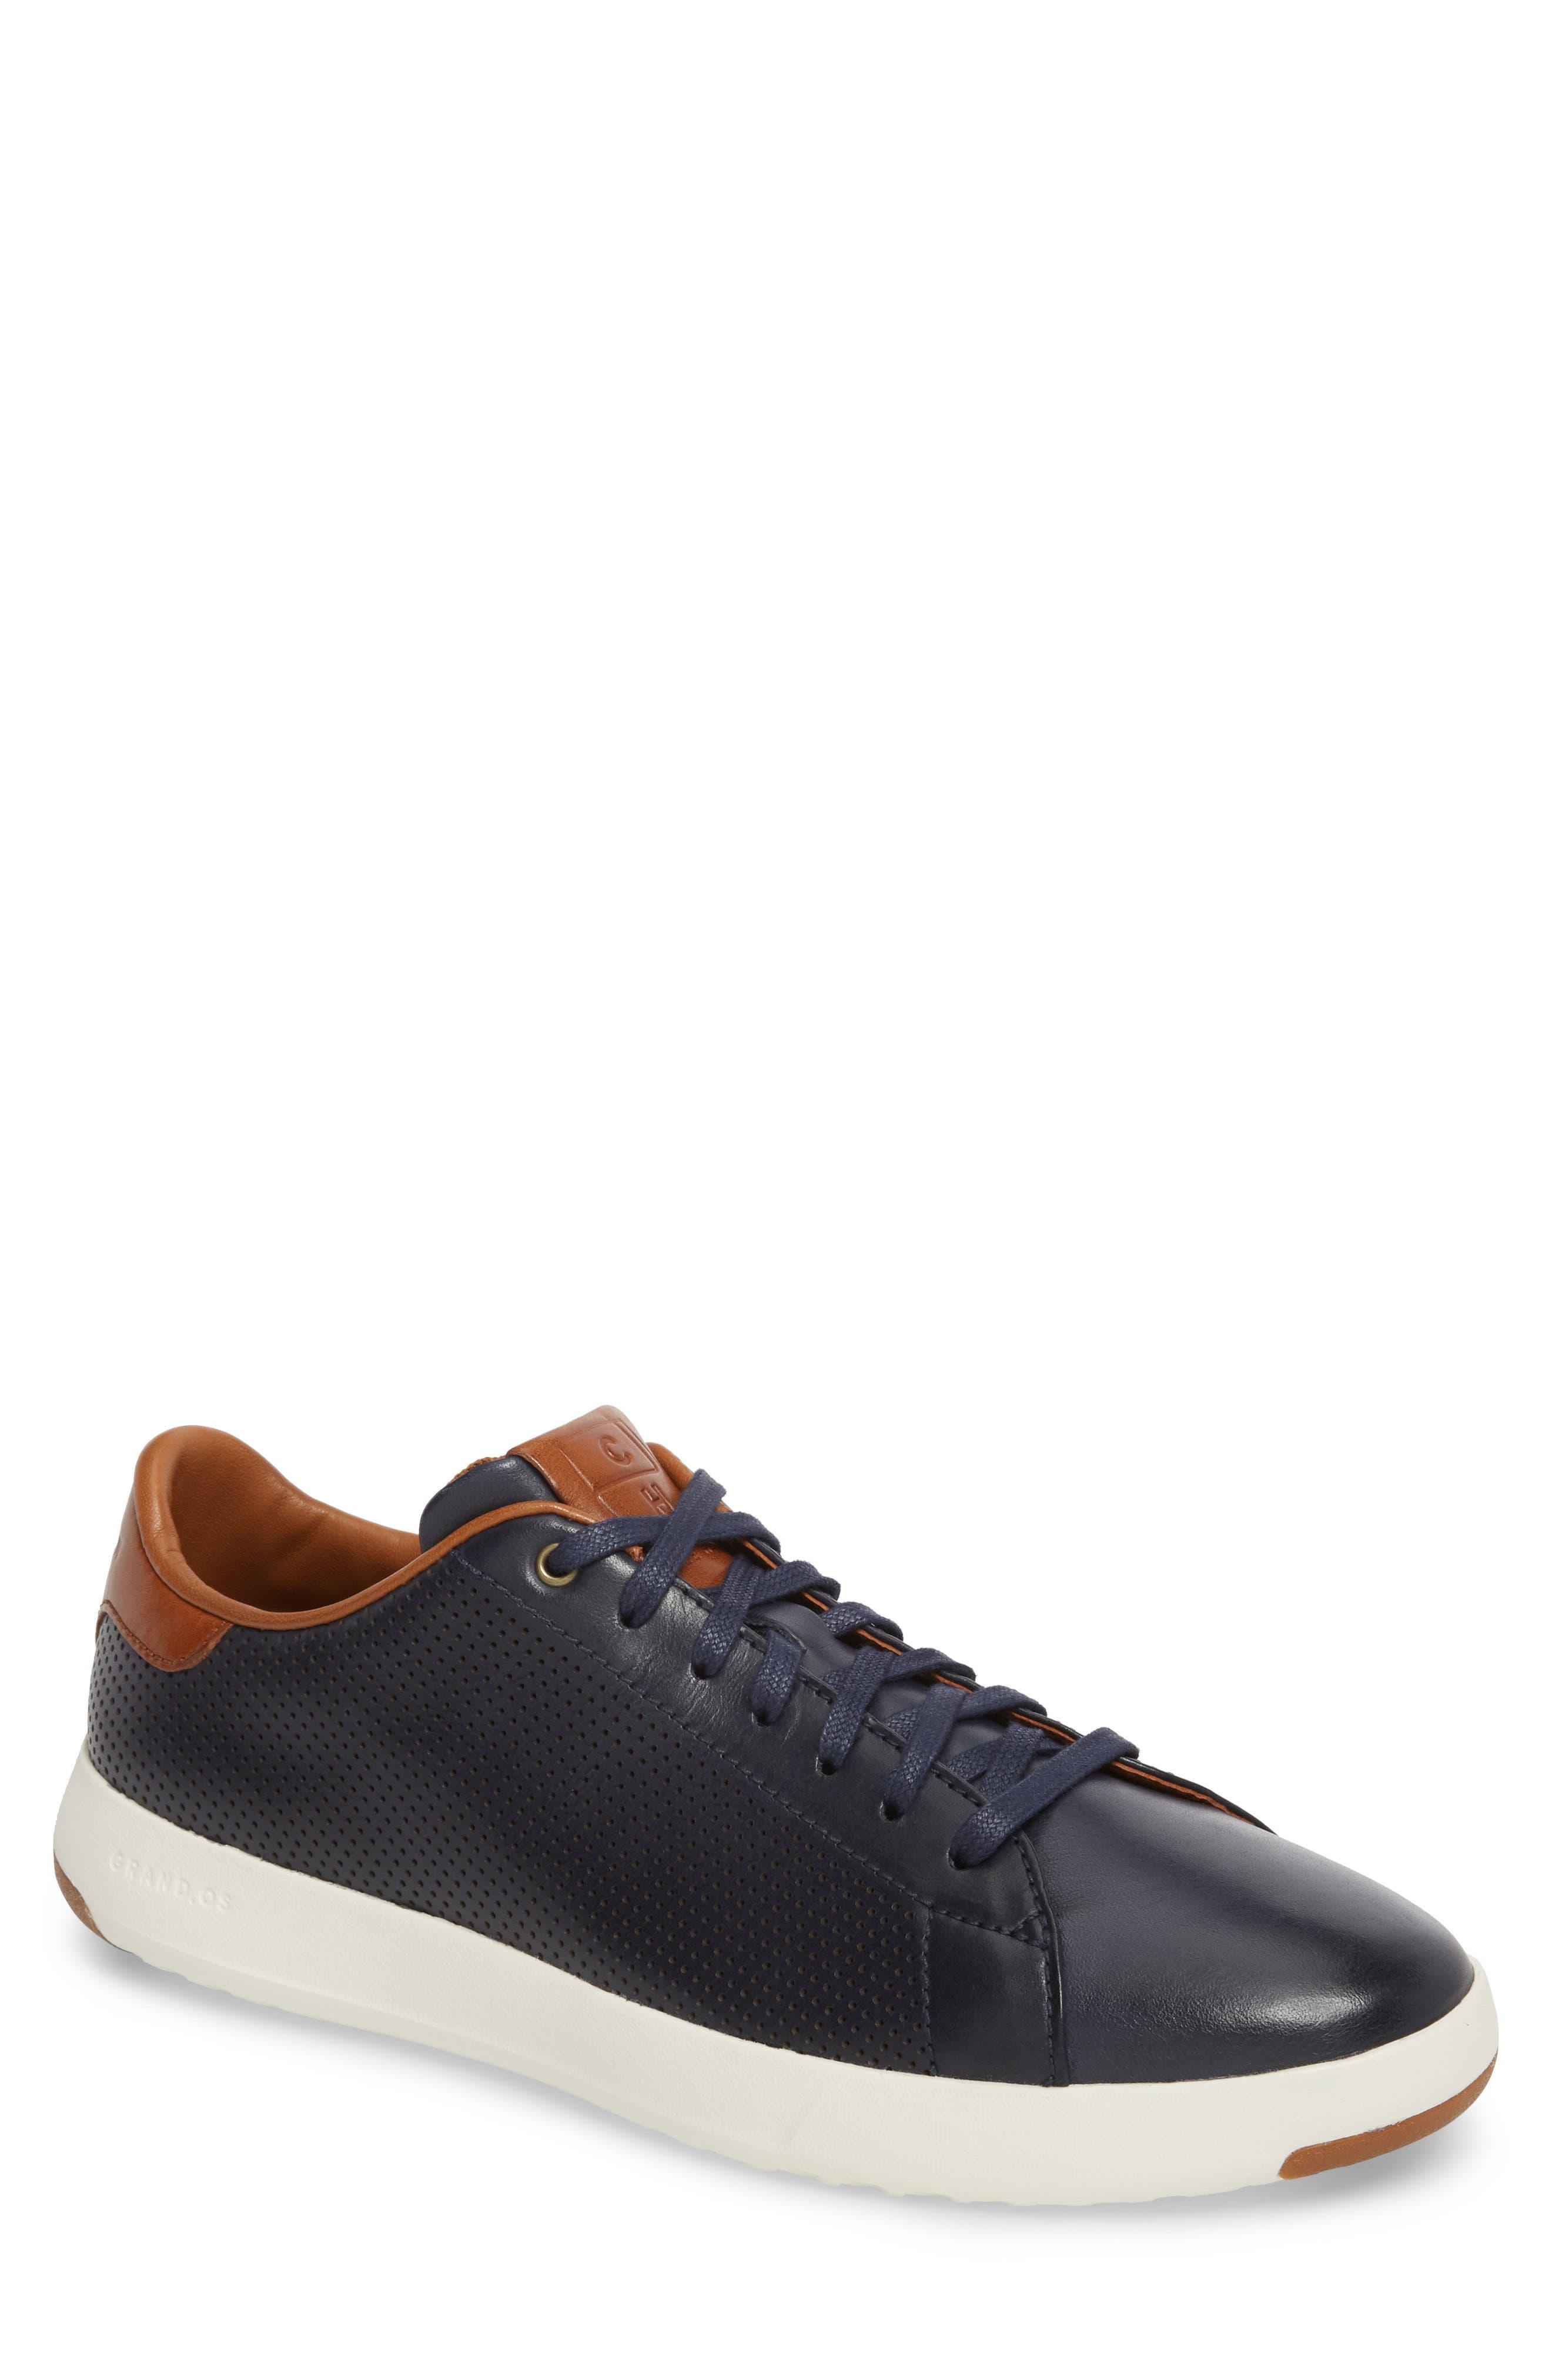 Shoe shops sydney online dating